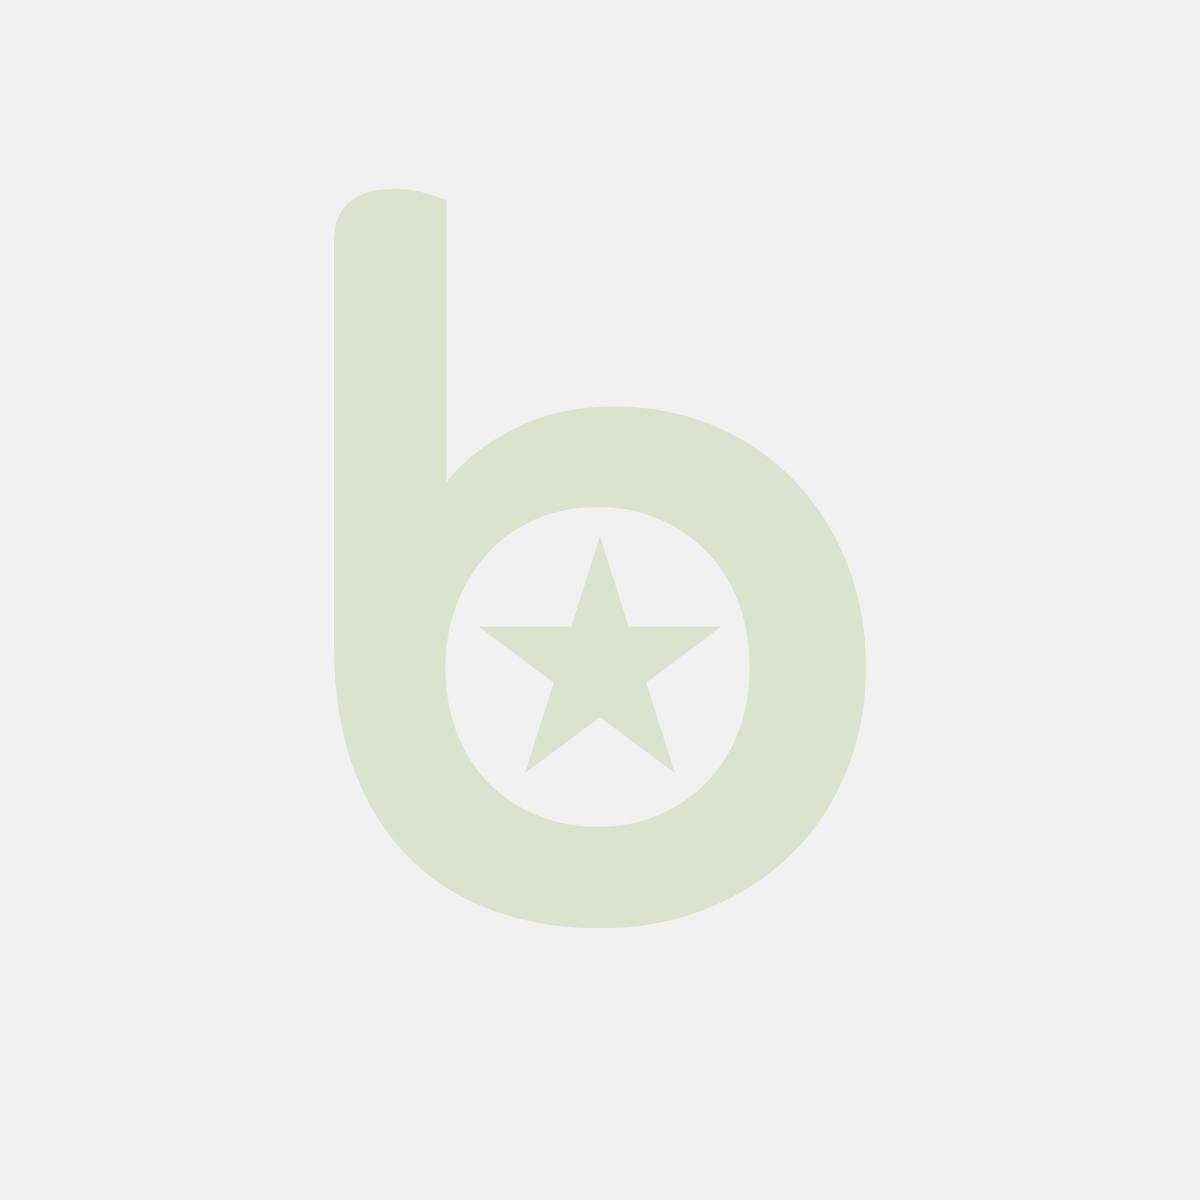 Wkład Do Gotowania Pierogów, Kopytek I Makaronu - Profi Line, Perforowany 29 L; Śr. 360 X 290 H